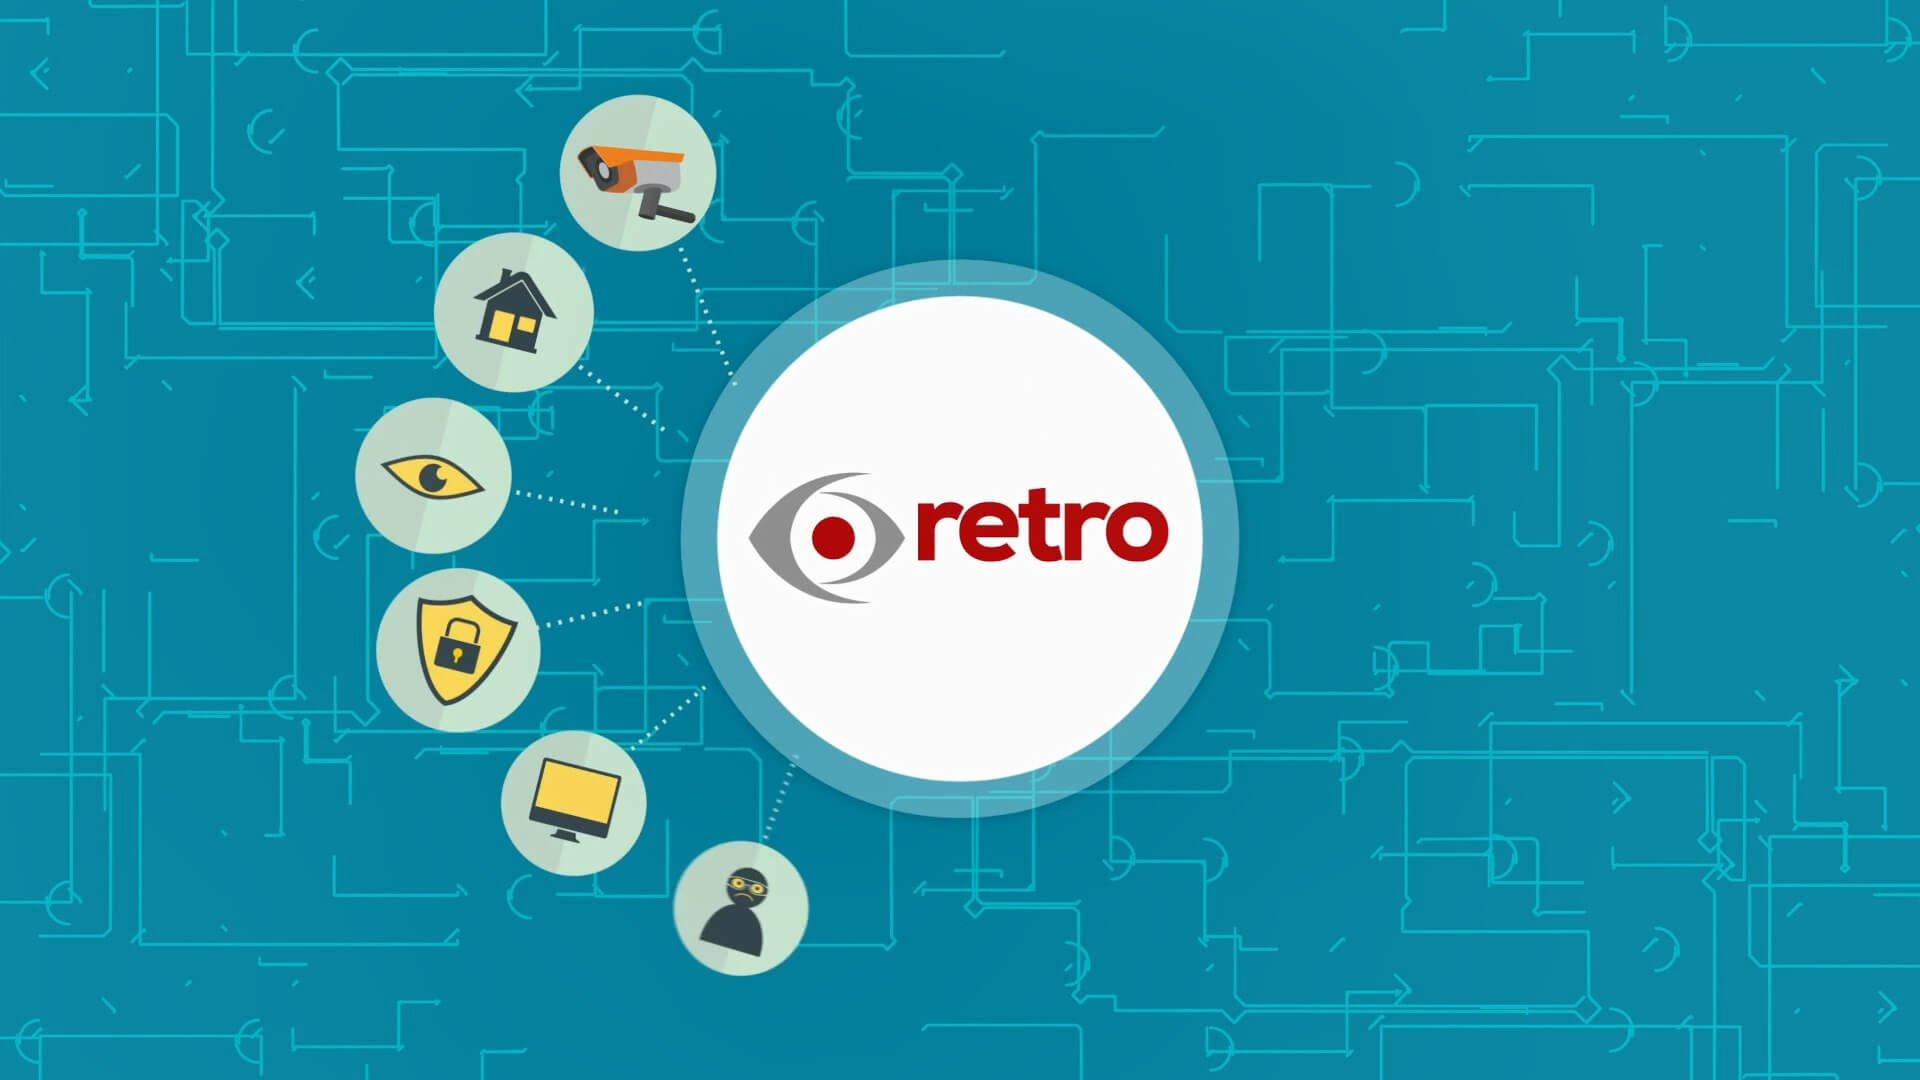 Retro4 1920x1080 - Retro Grup Şirketleri Animasyon Filmi